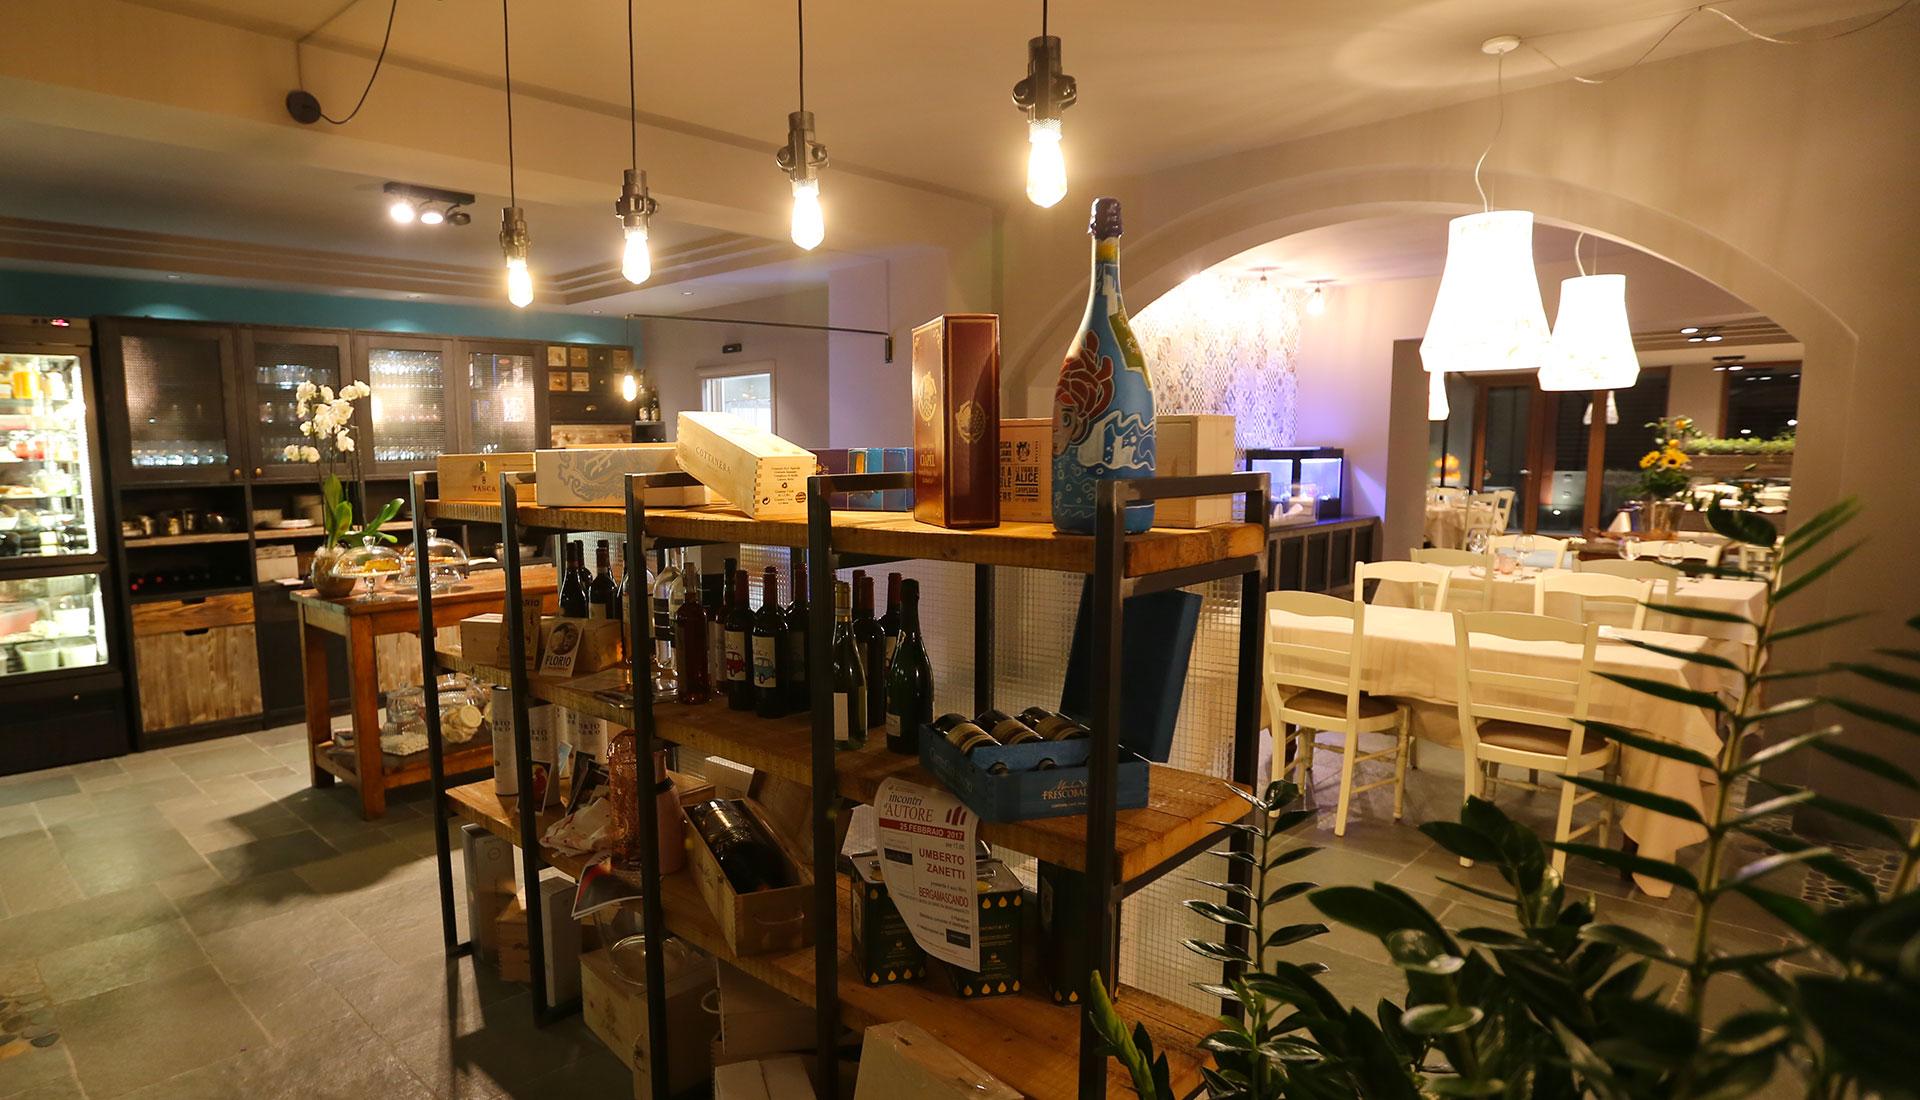 Illuminazione Tavoli Ristorante : Illuminazione negozi bar e ristoranti metalfrigor